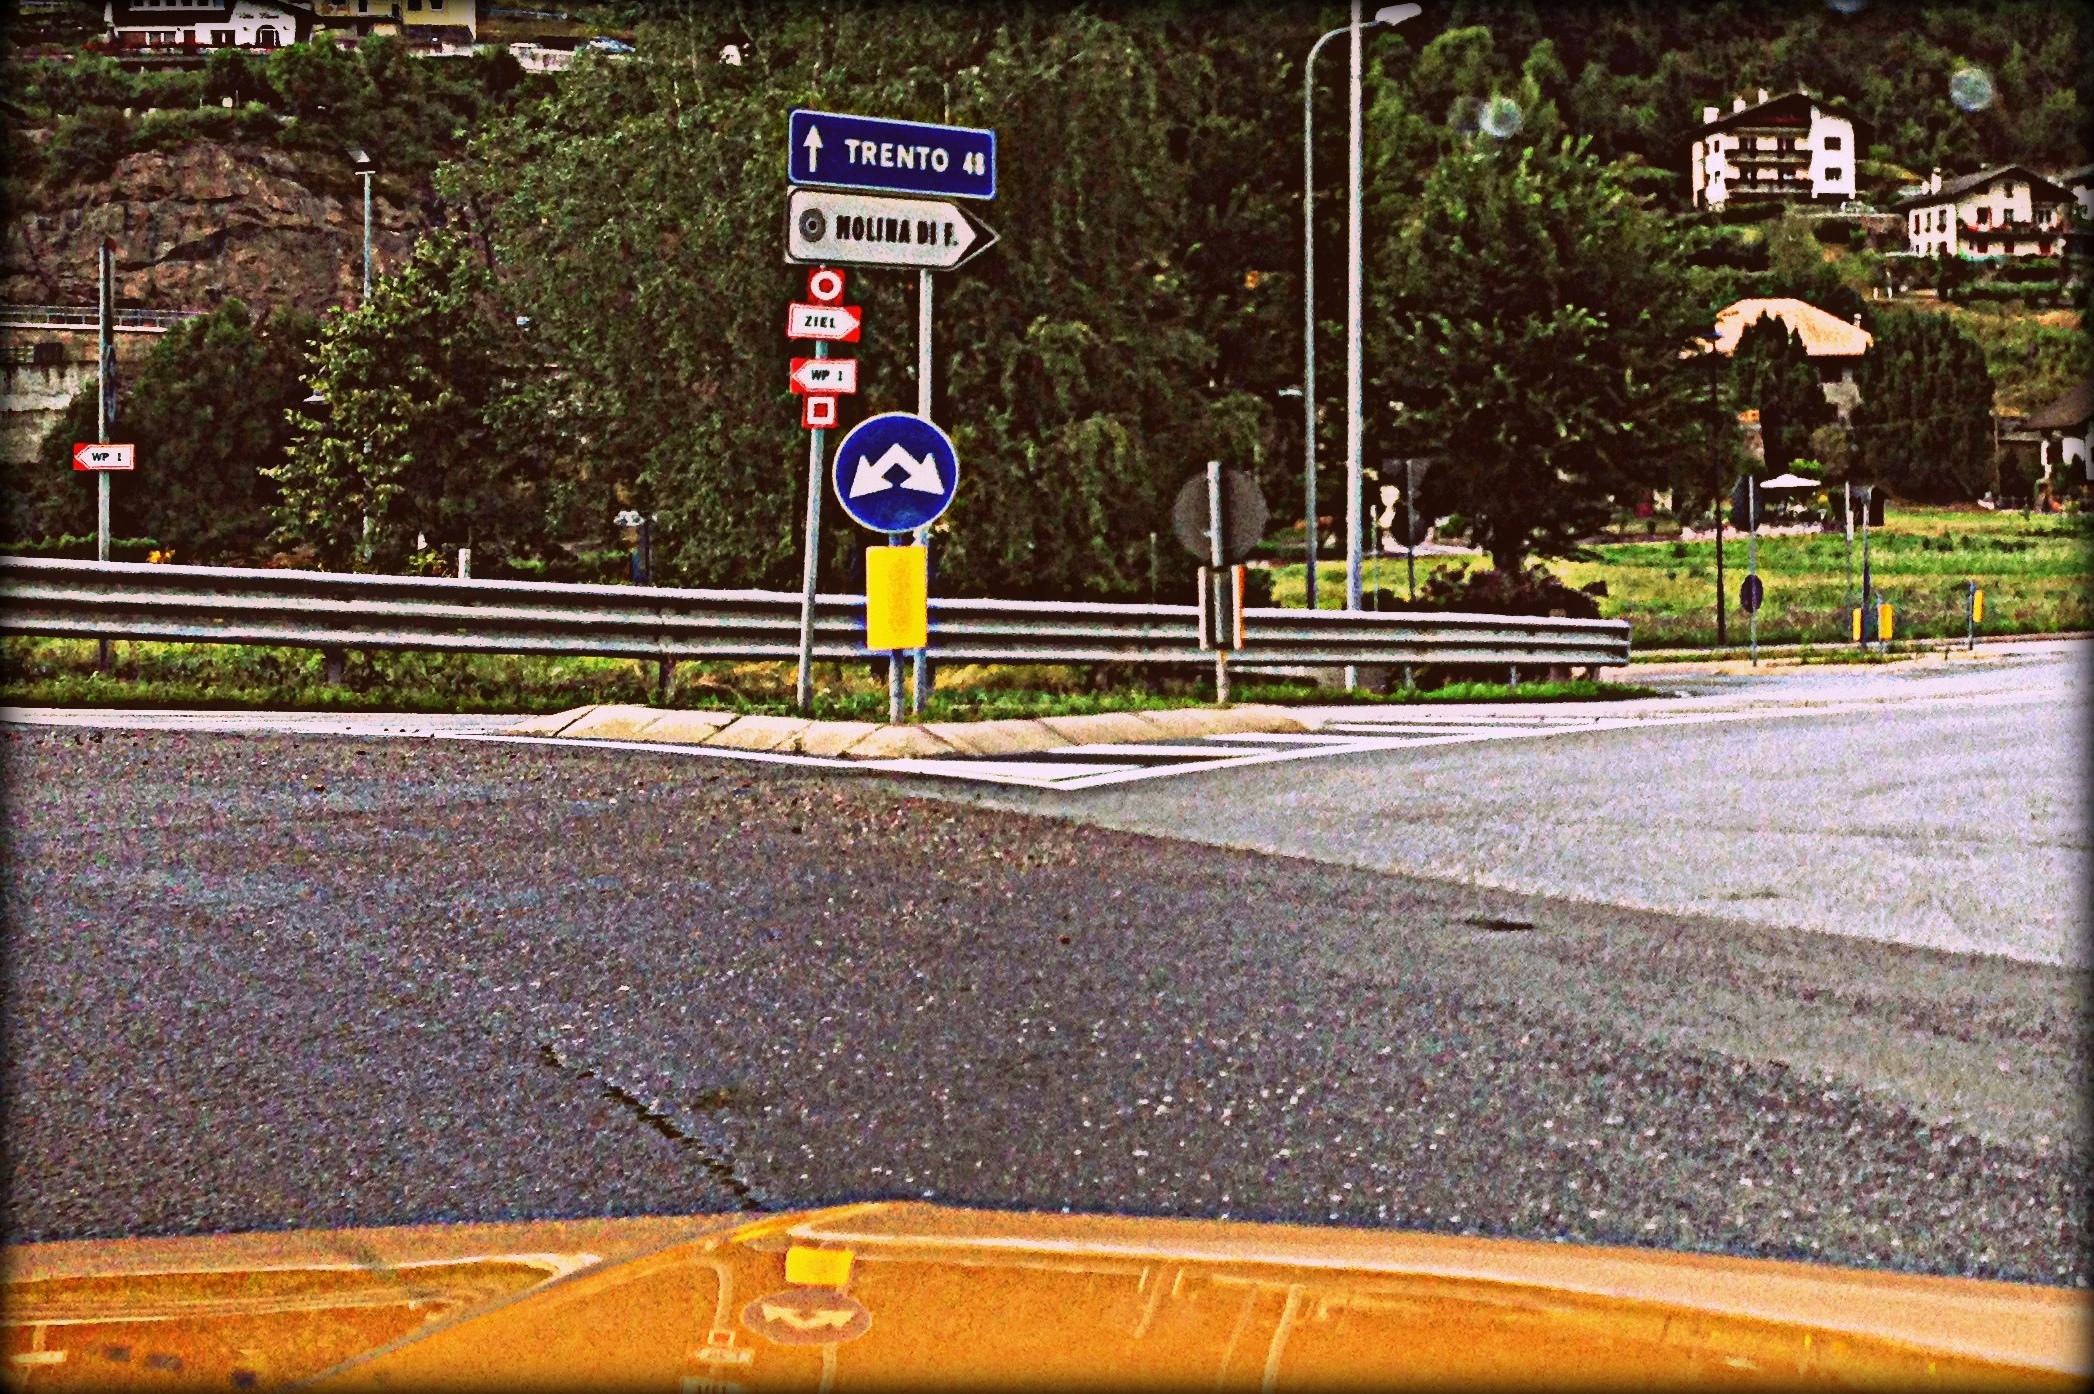 Trentino Way